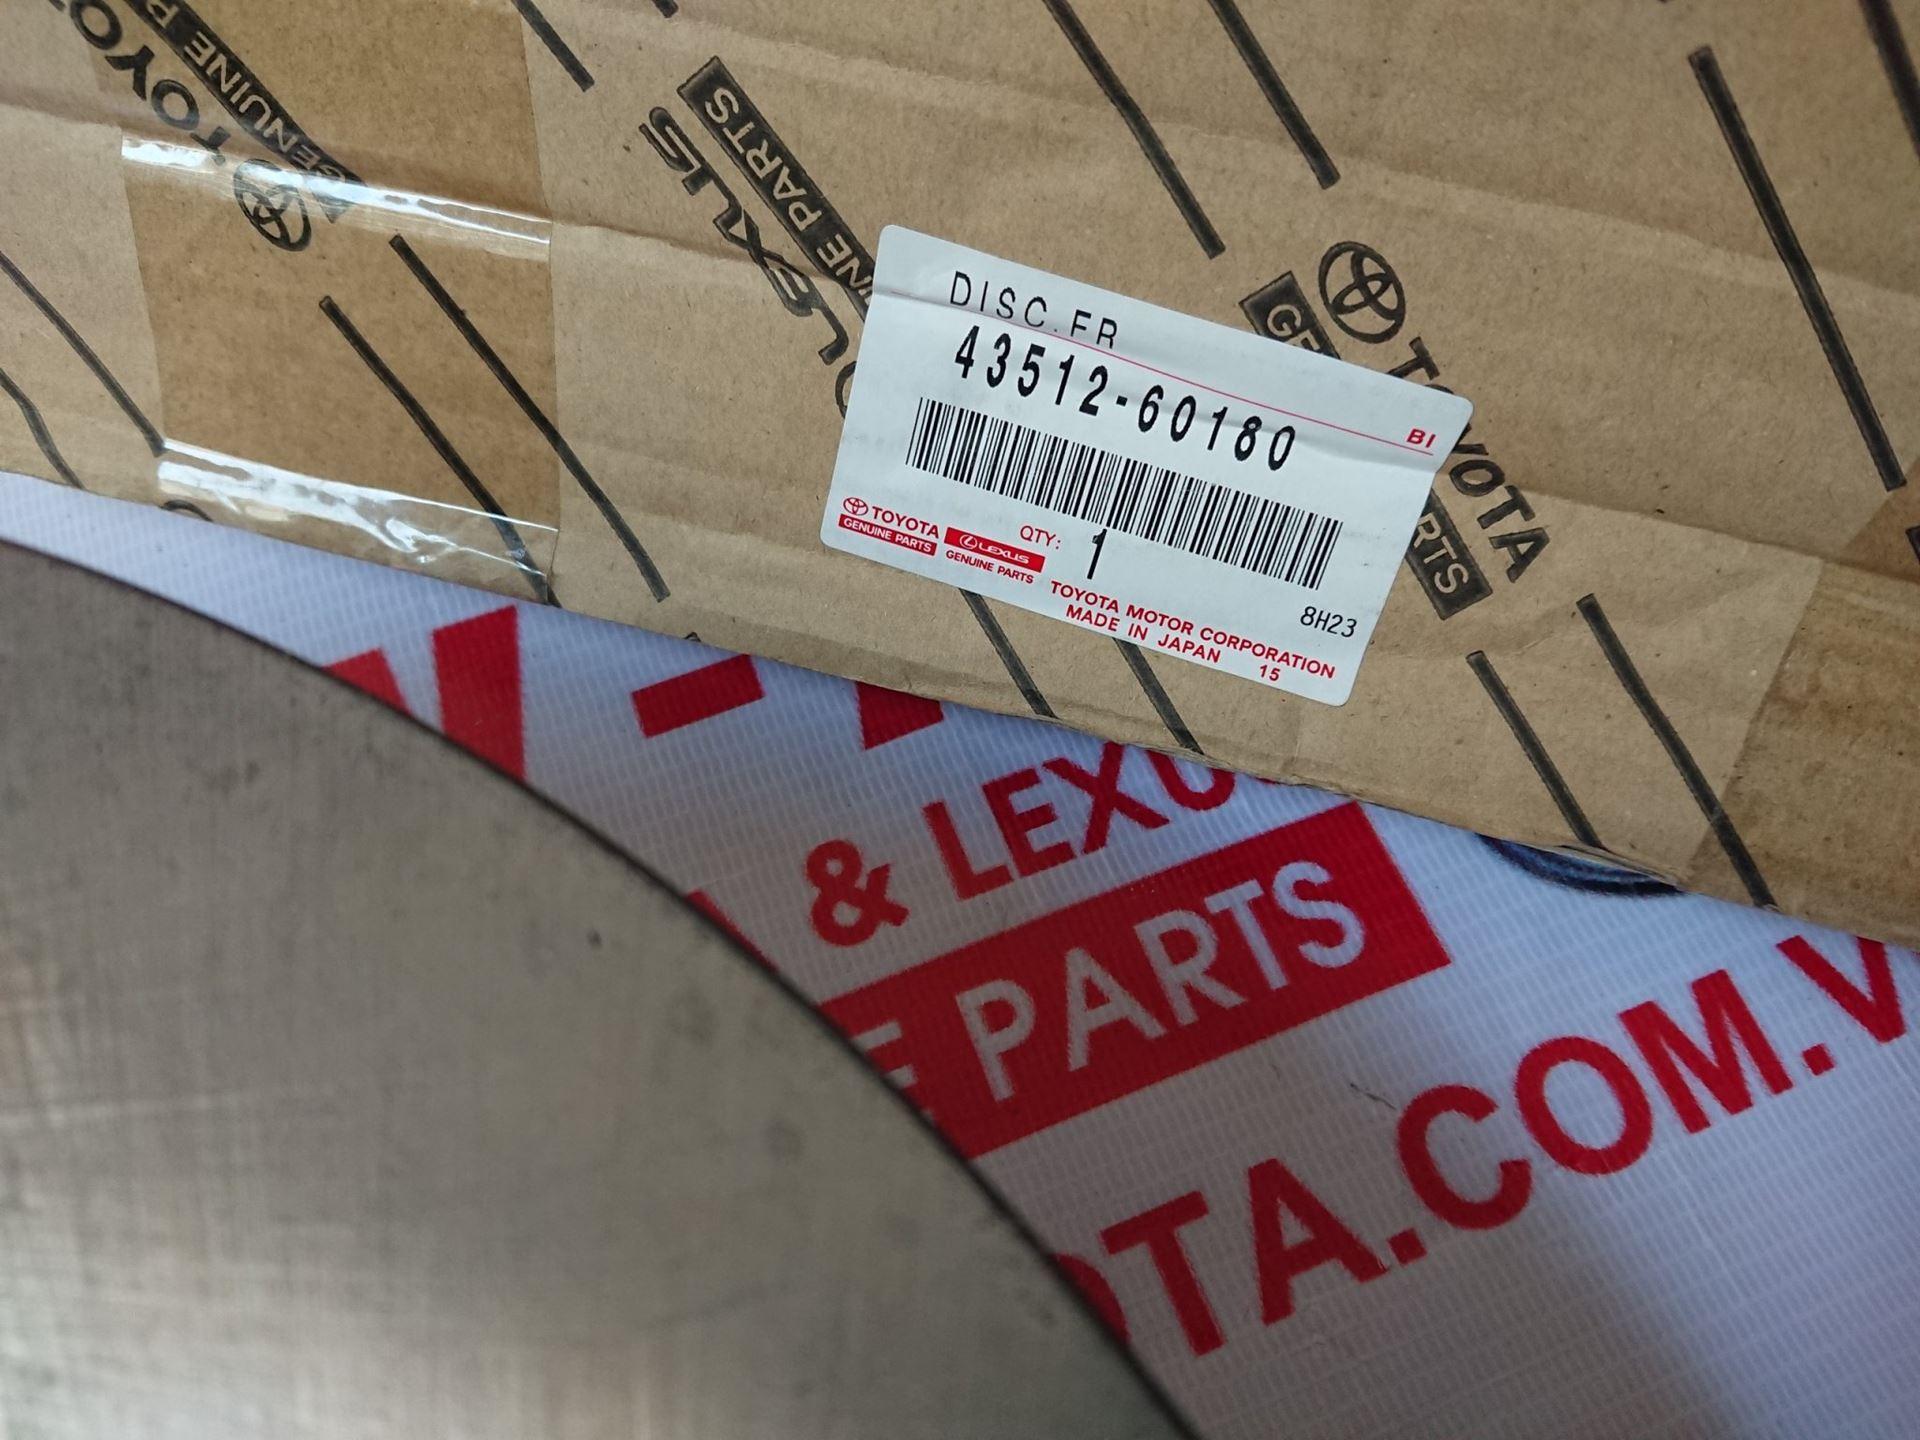 Picture of 43512-60180 Đĩa phanh trước Lexus LX570/Land hàng chính hãng